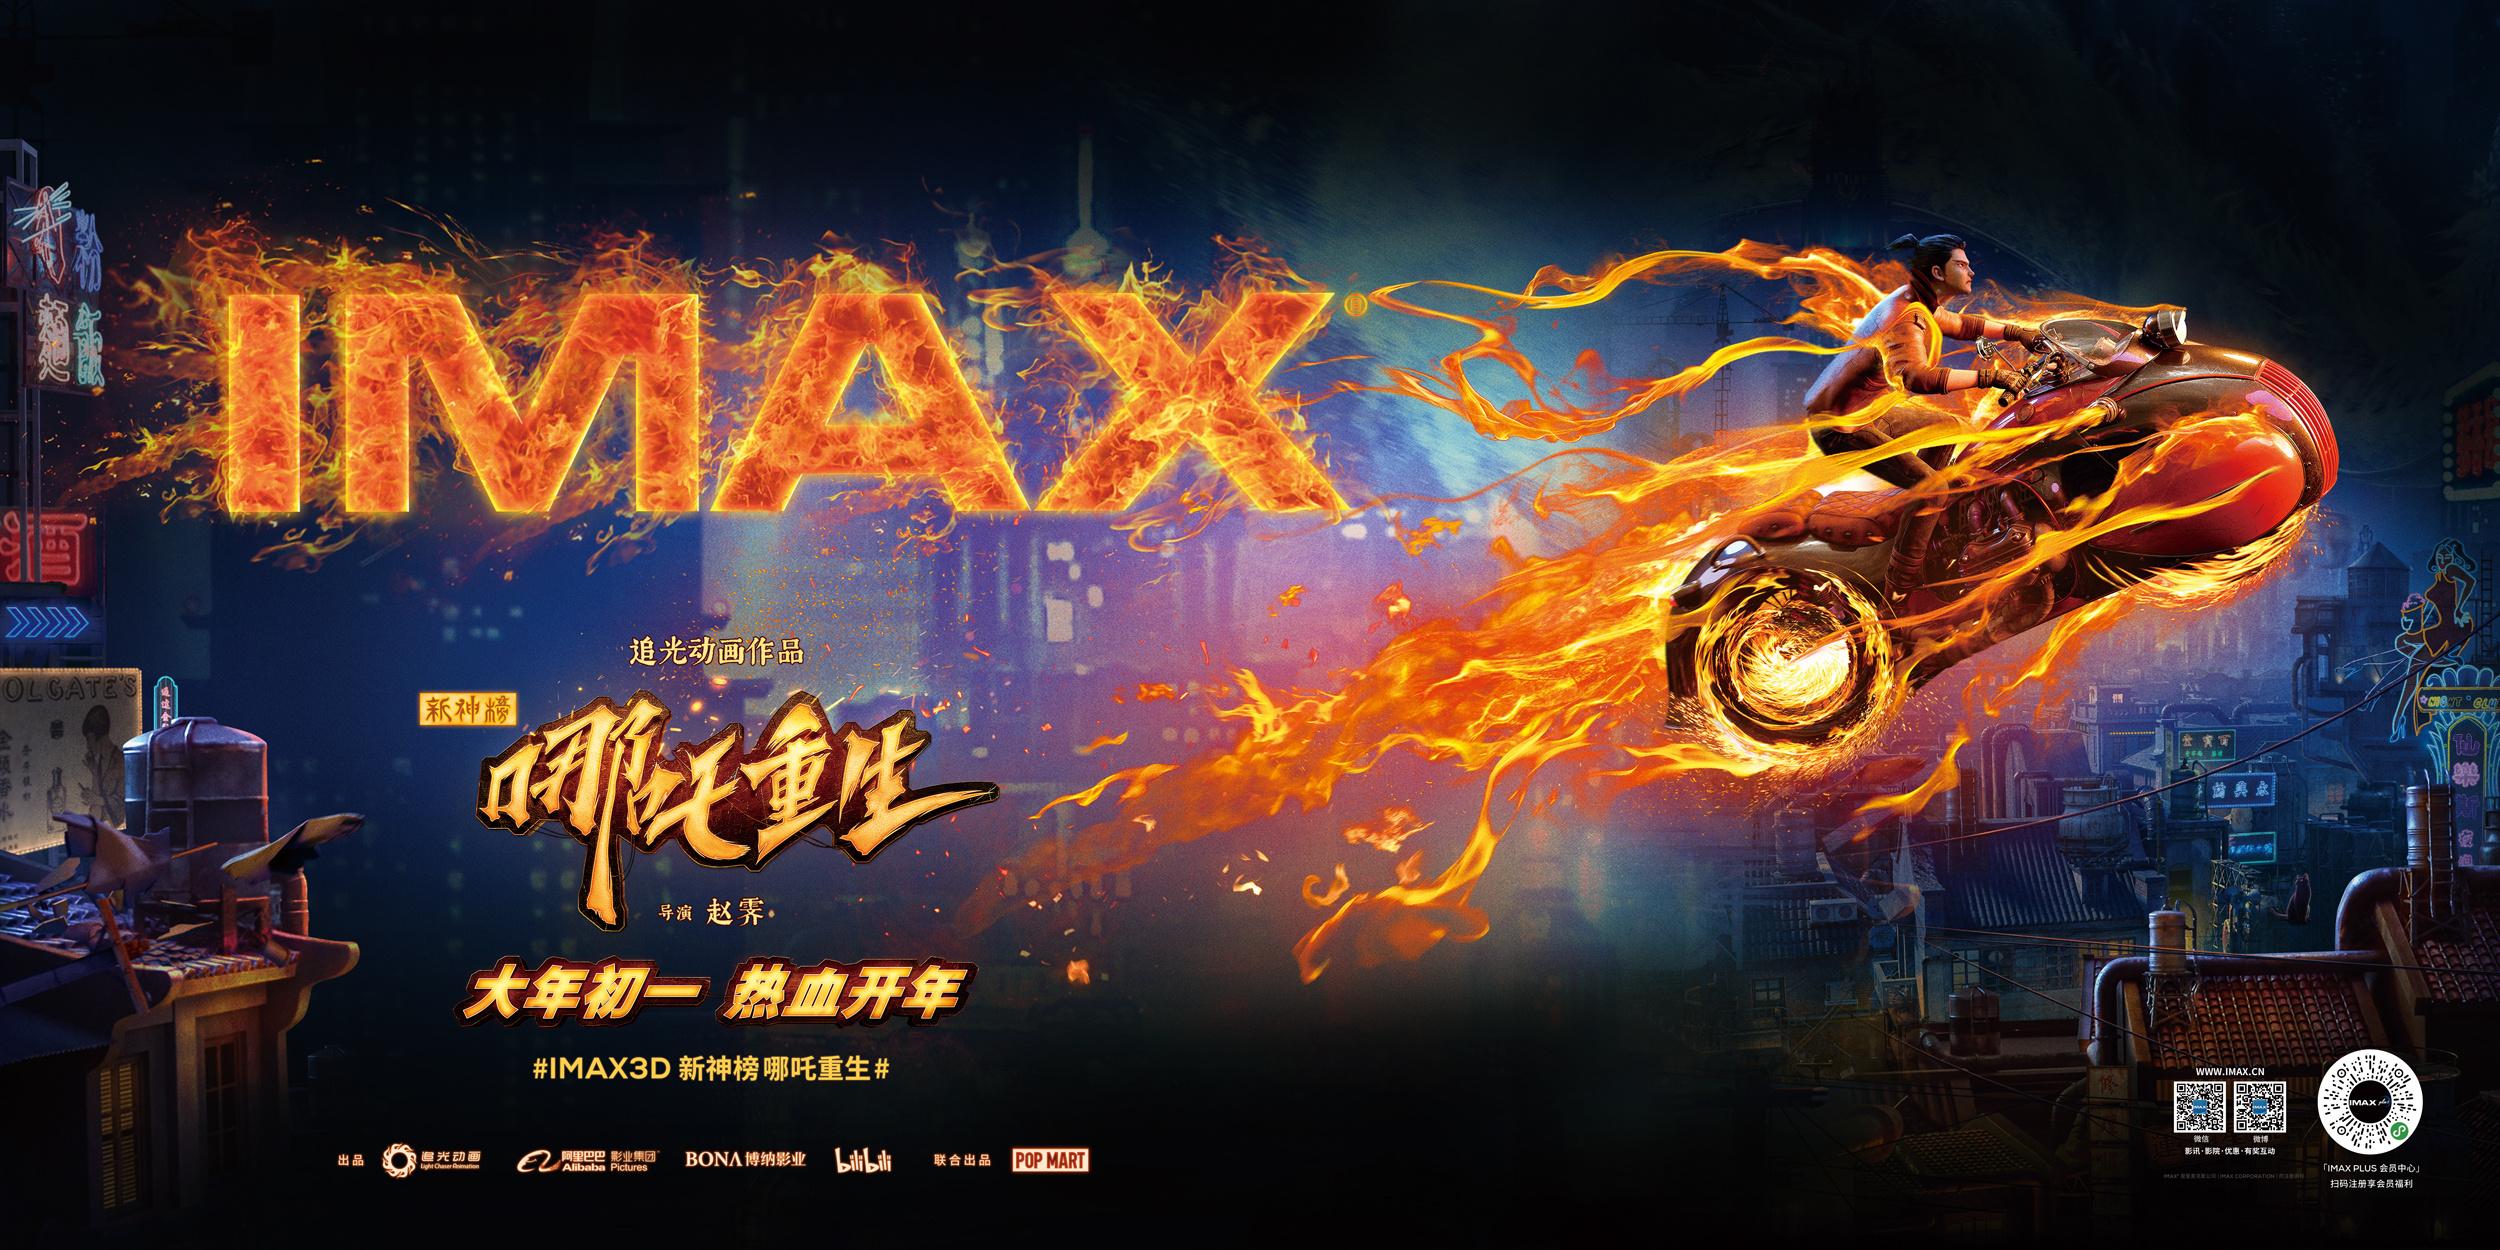 《新神榜:哪吒重生》发布IMAX海报 导演现身推介